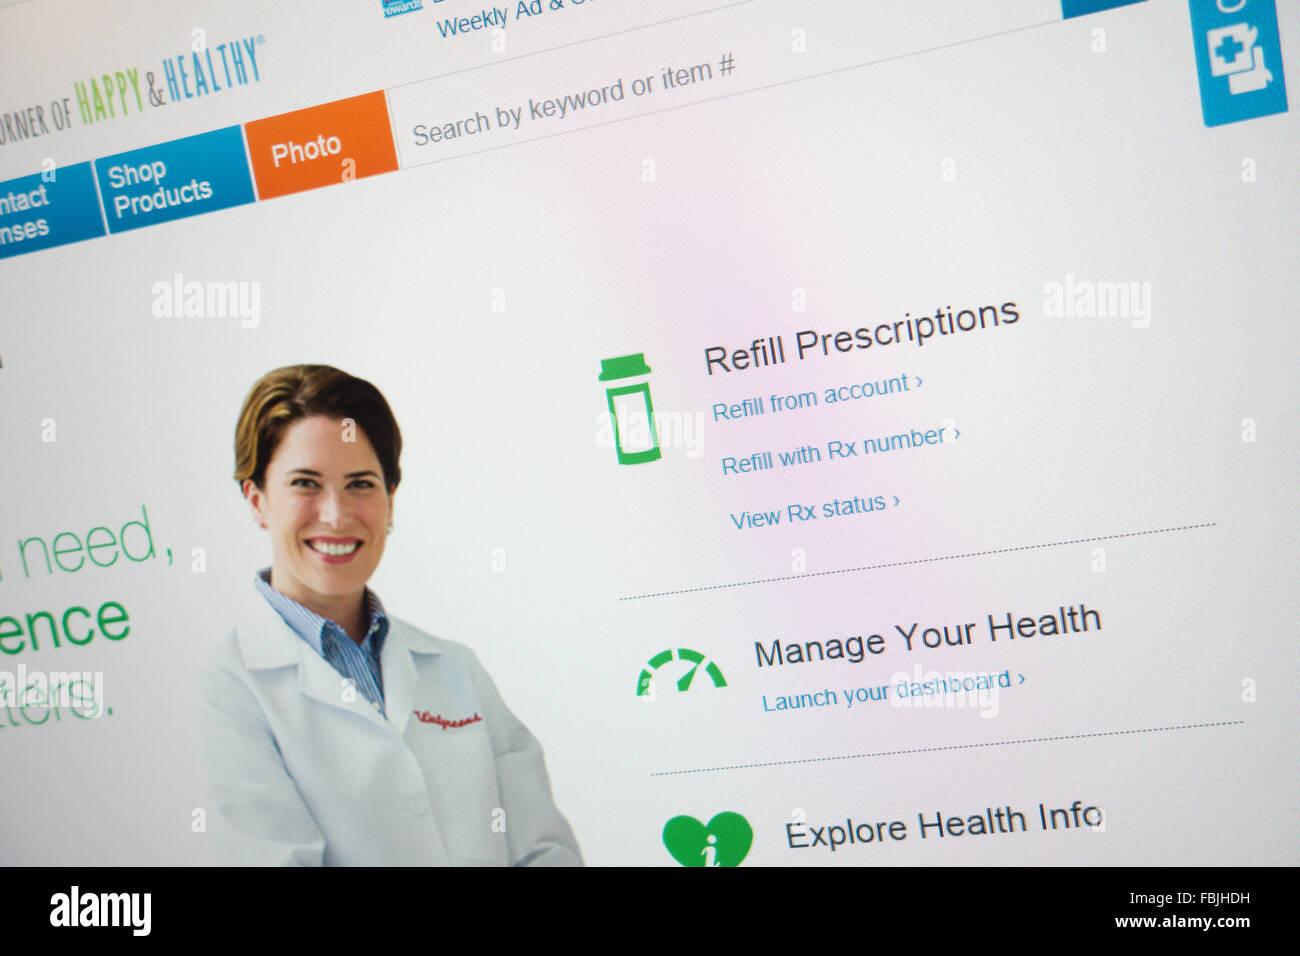 online prescription web site - Stock Image